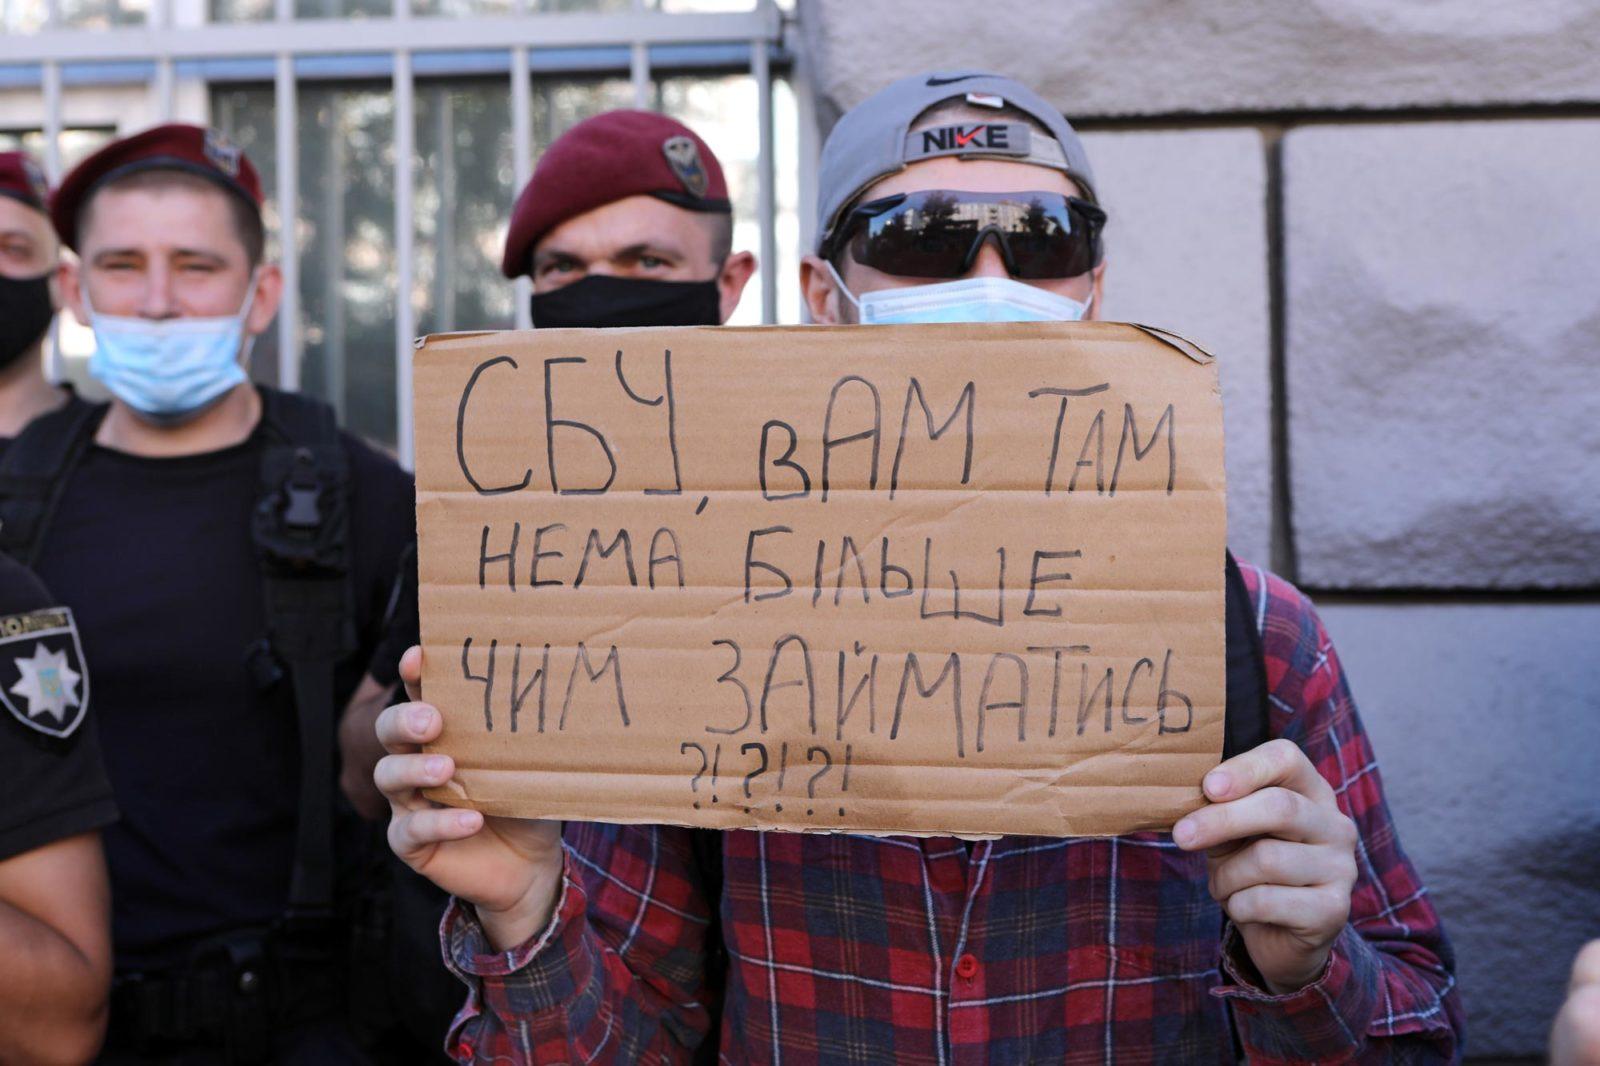 Суд признал неправомерным выдворение Алексея Боленкова в Беларусь: кто и зачем его преследовал